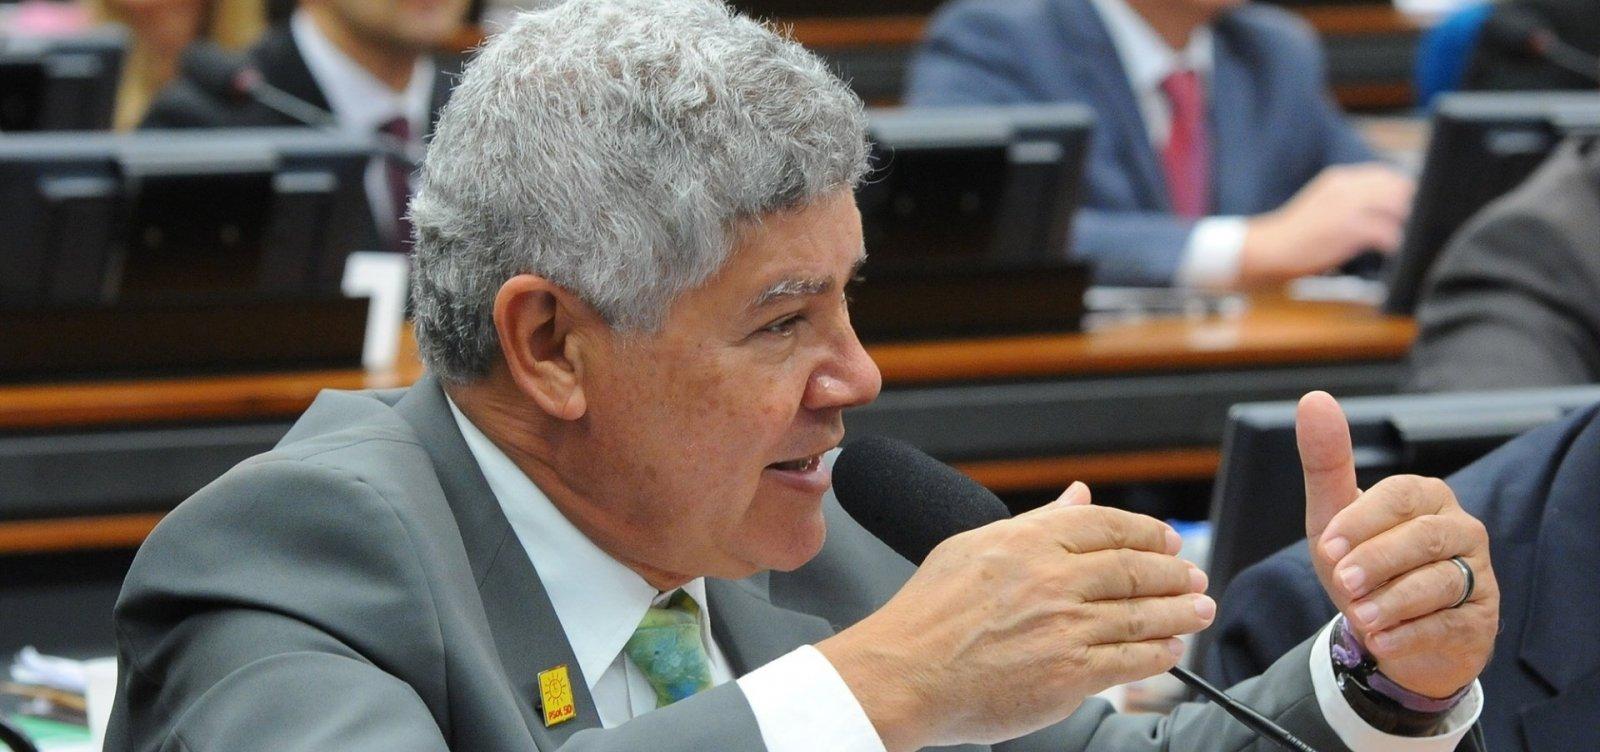 CHICO ALENCAR DIZ QUE RENATA SOUZA DEVE SER CANDIDATA NO RIO